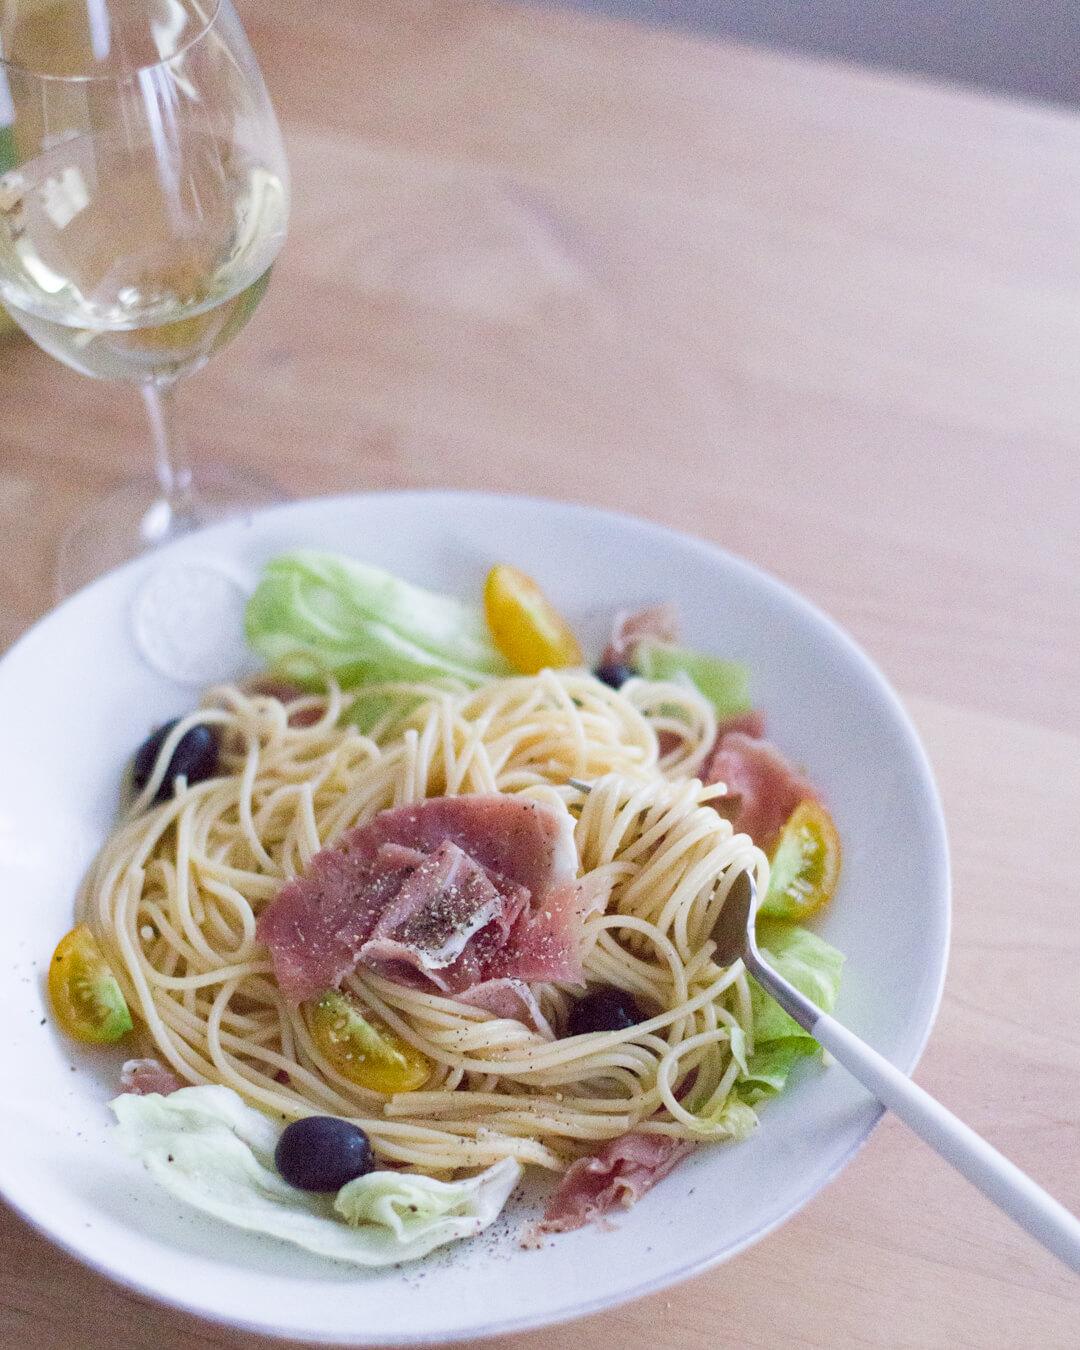 シンプル・レタスと生ハムの冷製スパゲティ 3